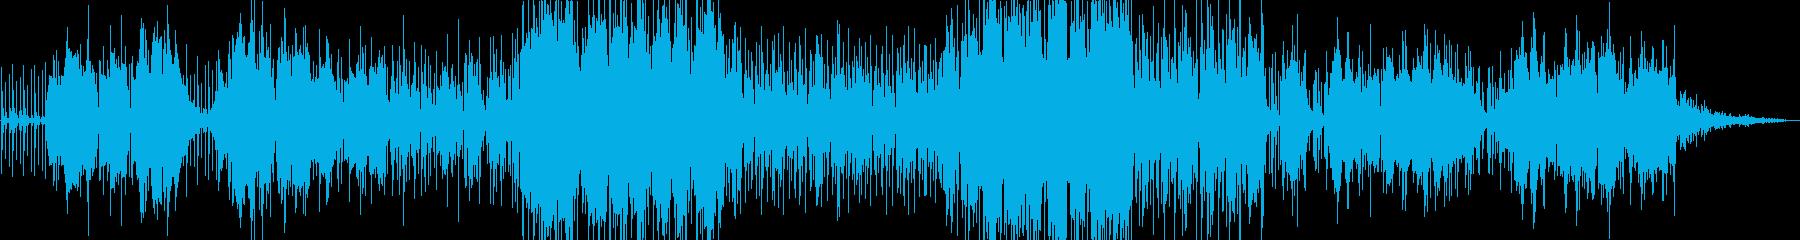 フルート。オリエンタルで奇妙。の再生済みの波形